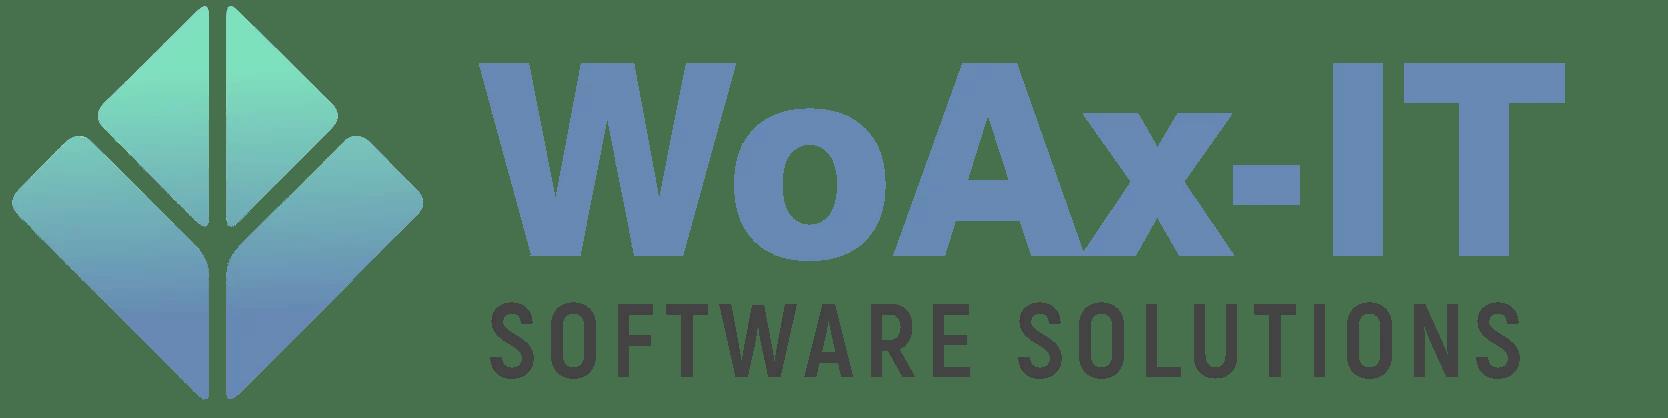 woAx-IT logo